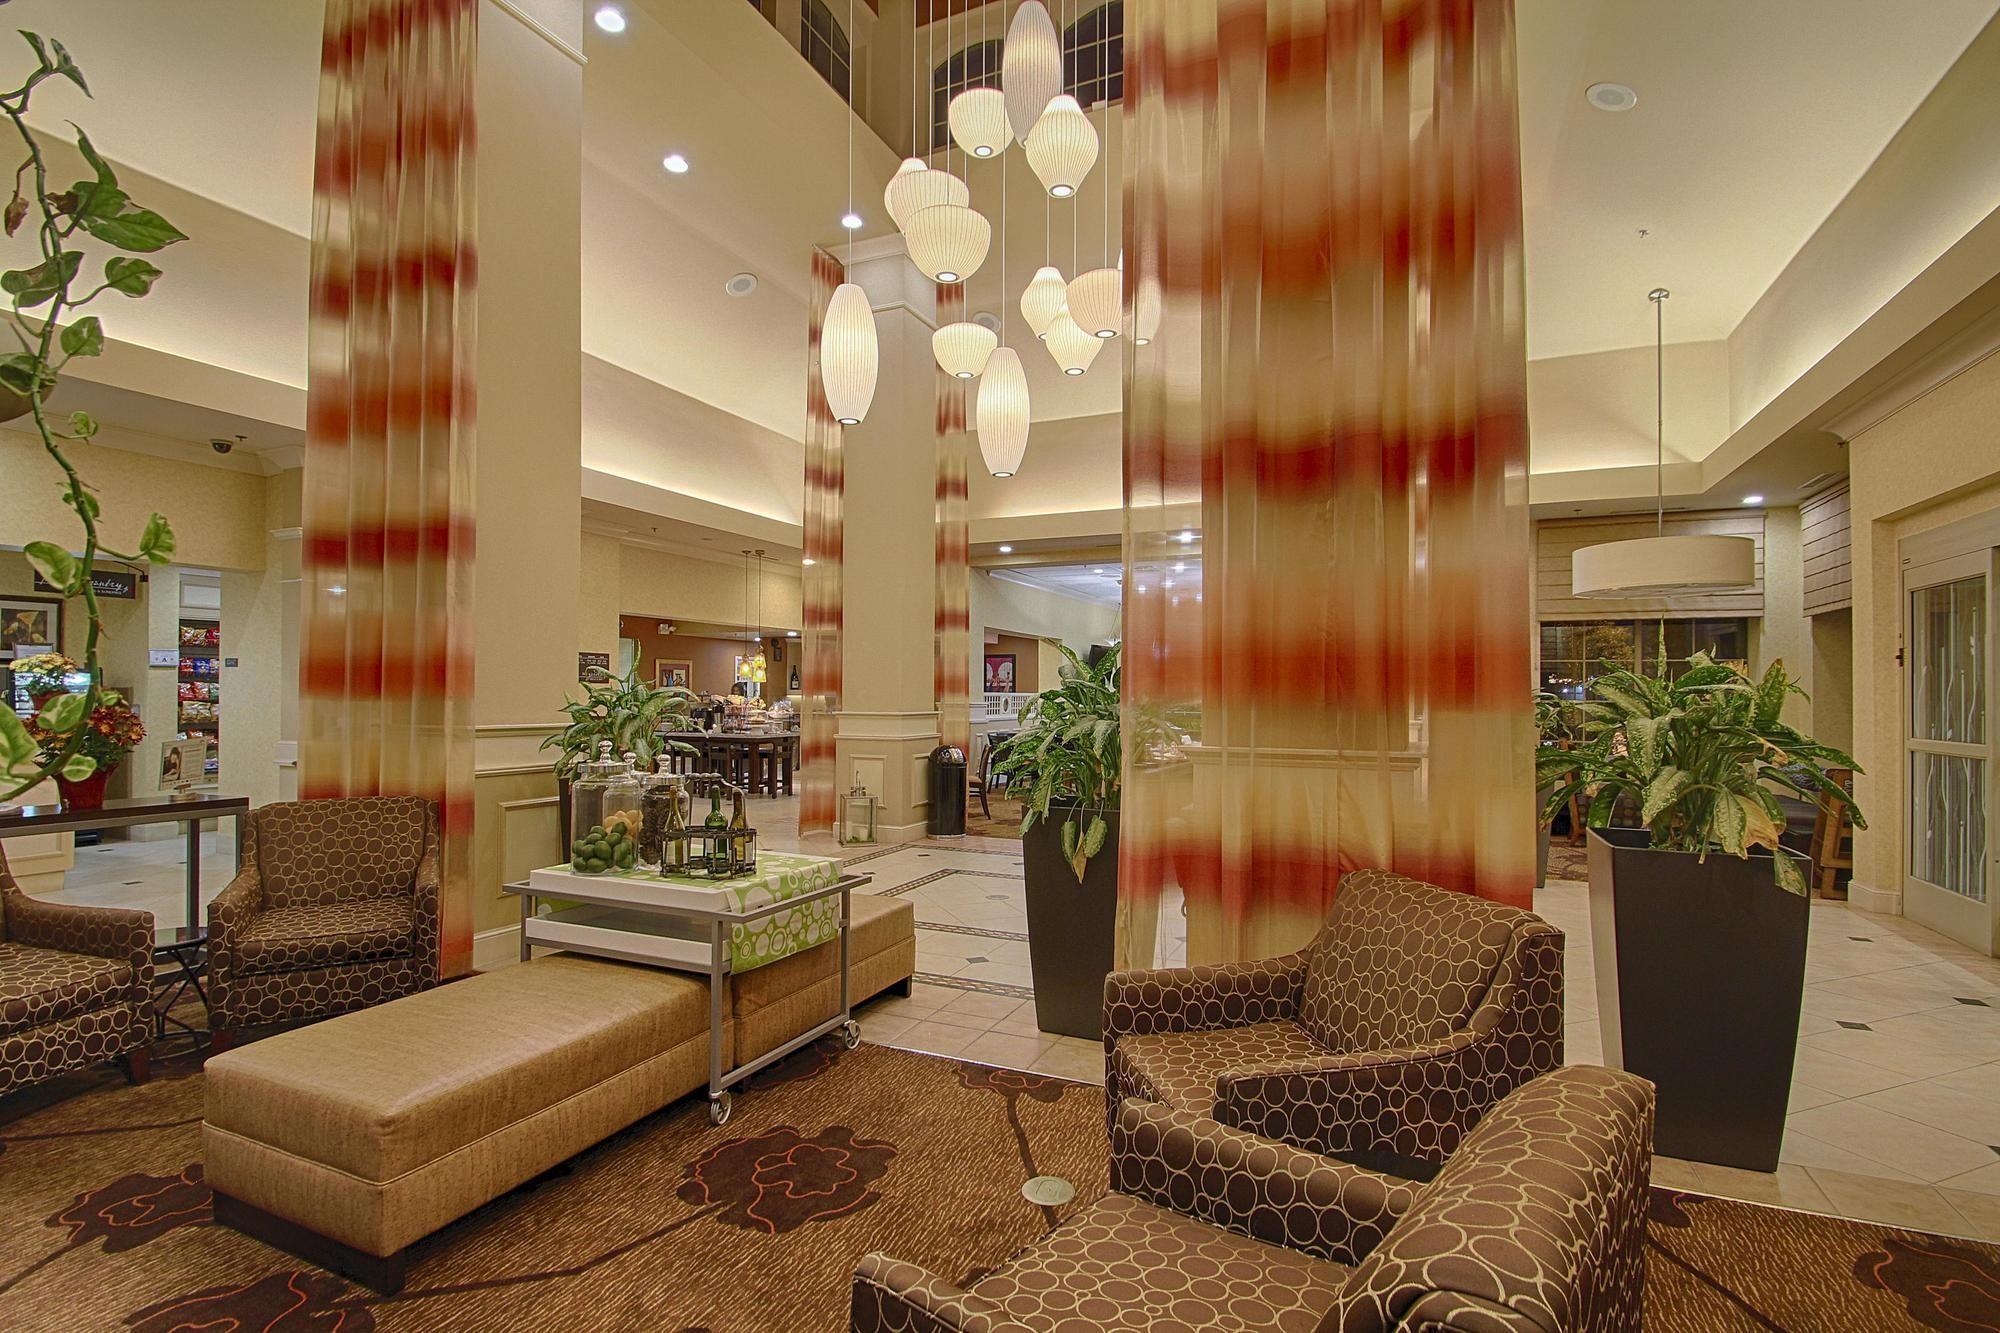 Discount Coupon For Hilton Garden Inn Las Vegas Strip South In Las Vegas Nevada Save Money